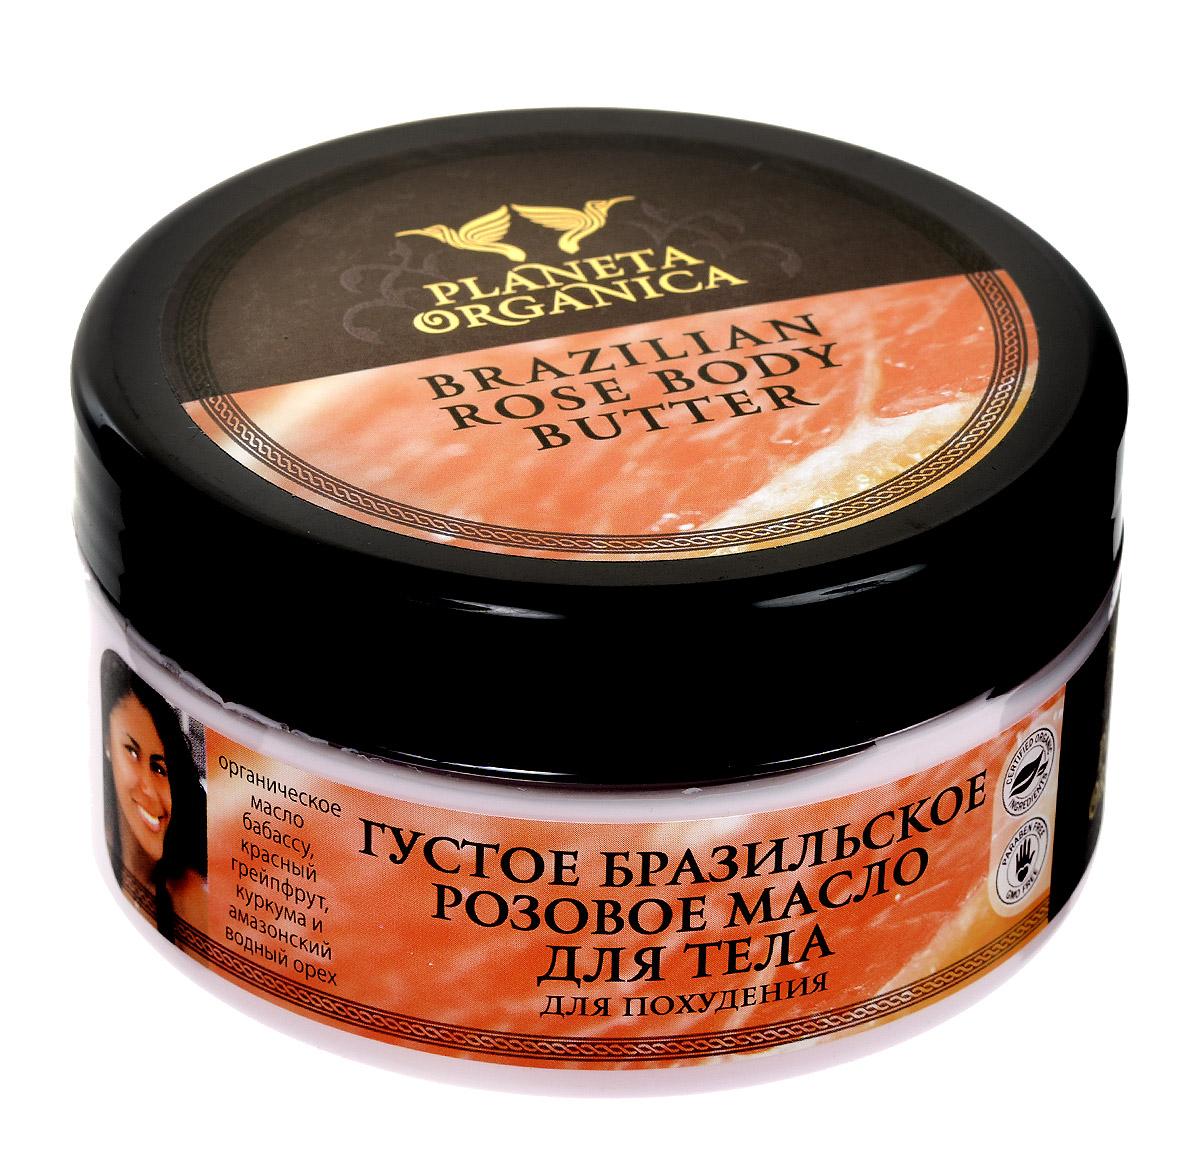 Planeta Organica Густое бразильское розовое масло для тела, для похудения, 300 мл071-1-0281Густое бразильское розовое масло Planeta Organica для тела, для похудения - густая текстура и легкое нанесение. Густое розовое масло возвращает коже тонус, упругость и эластичность. Пектин, содержащийся в красном грейпфруте, усиливает обмен веществ, тонизирует кожу, эффективно борется с целлюлитом. Амазонский водный орех активизирует расщепление жировых клеток, улучшая контуры тела. Благодаря токотриенолам, входящим в состав масла, бабассу обладает антиоксидантным и антивозрастным действием. Куркума увлажняет и смягчает, делает кожу подтянутой и гладкой. Густое масло выравнивает контуры тела и способствует похудению, а также замедляет процесс накопления жировых отложений.